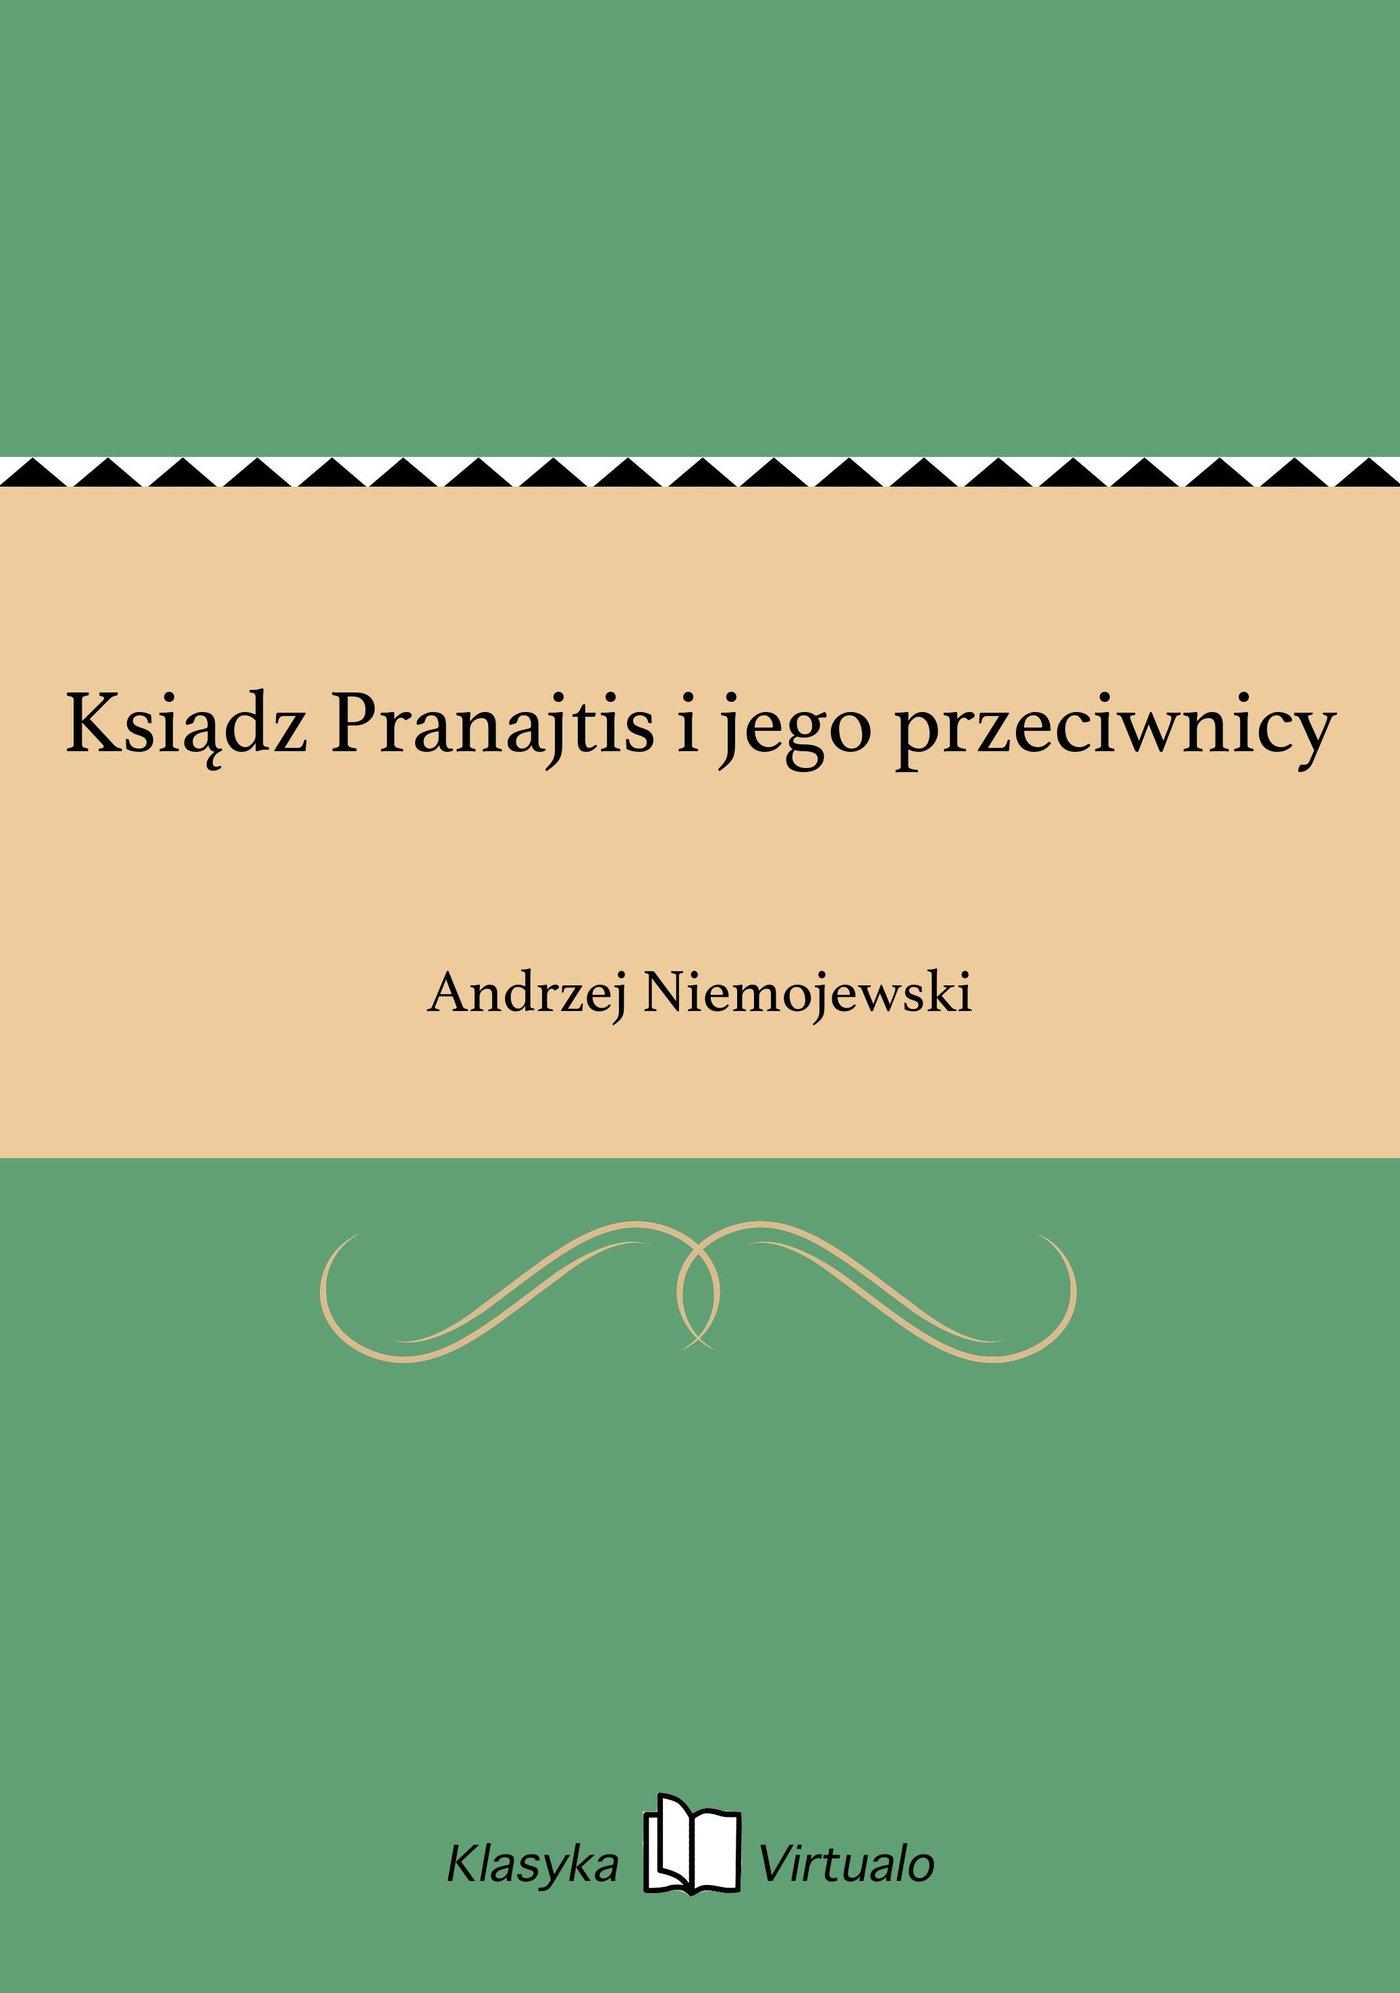 Ksiądz Pranajtis i jego przeciwnicy - Ebook (Książka na Kindle) do pobrania w formacie MOBI